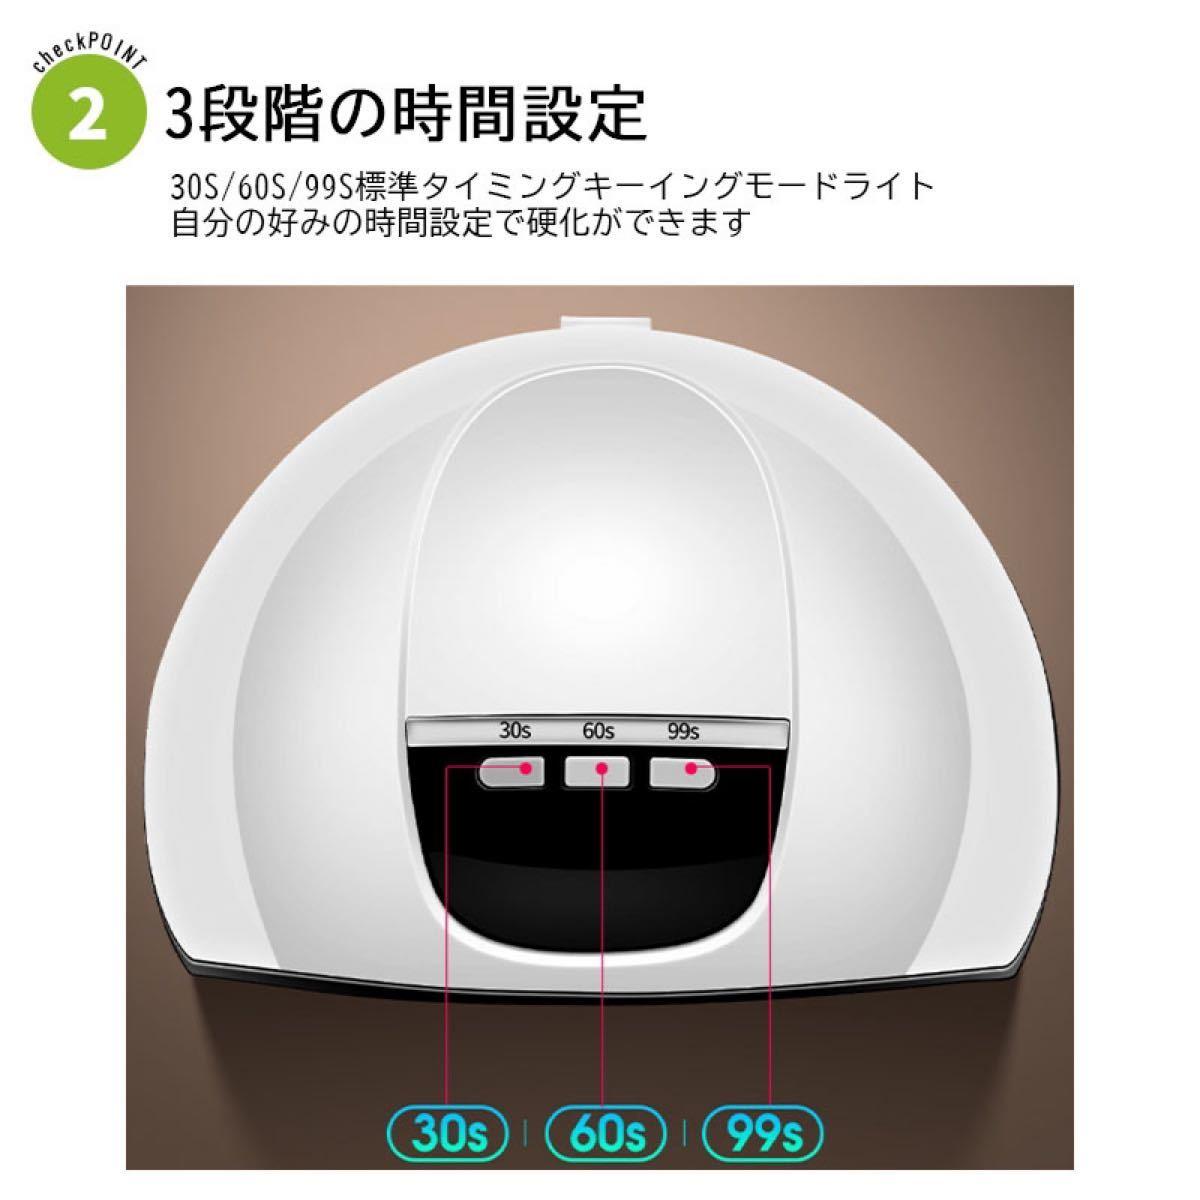 LED ライト ネイル ドライヤー 54W ジェルネイル UV 紫外線 硬化